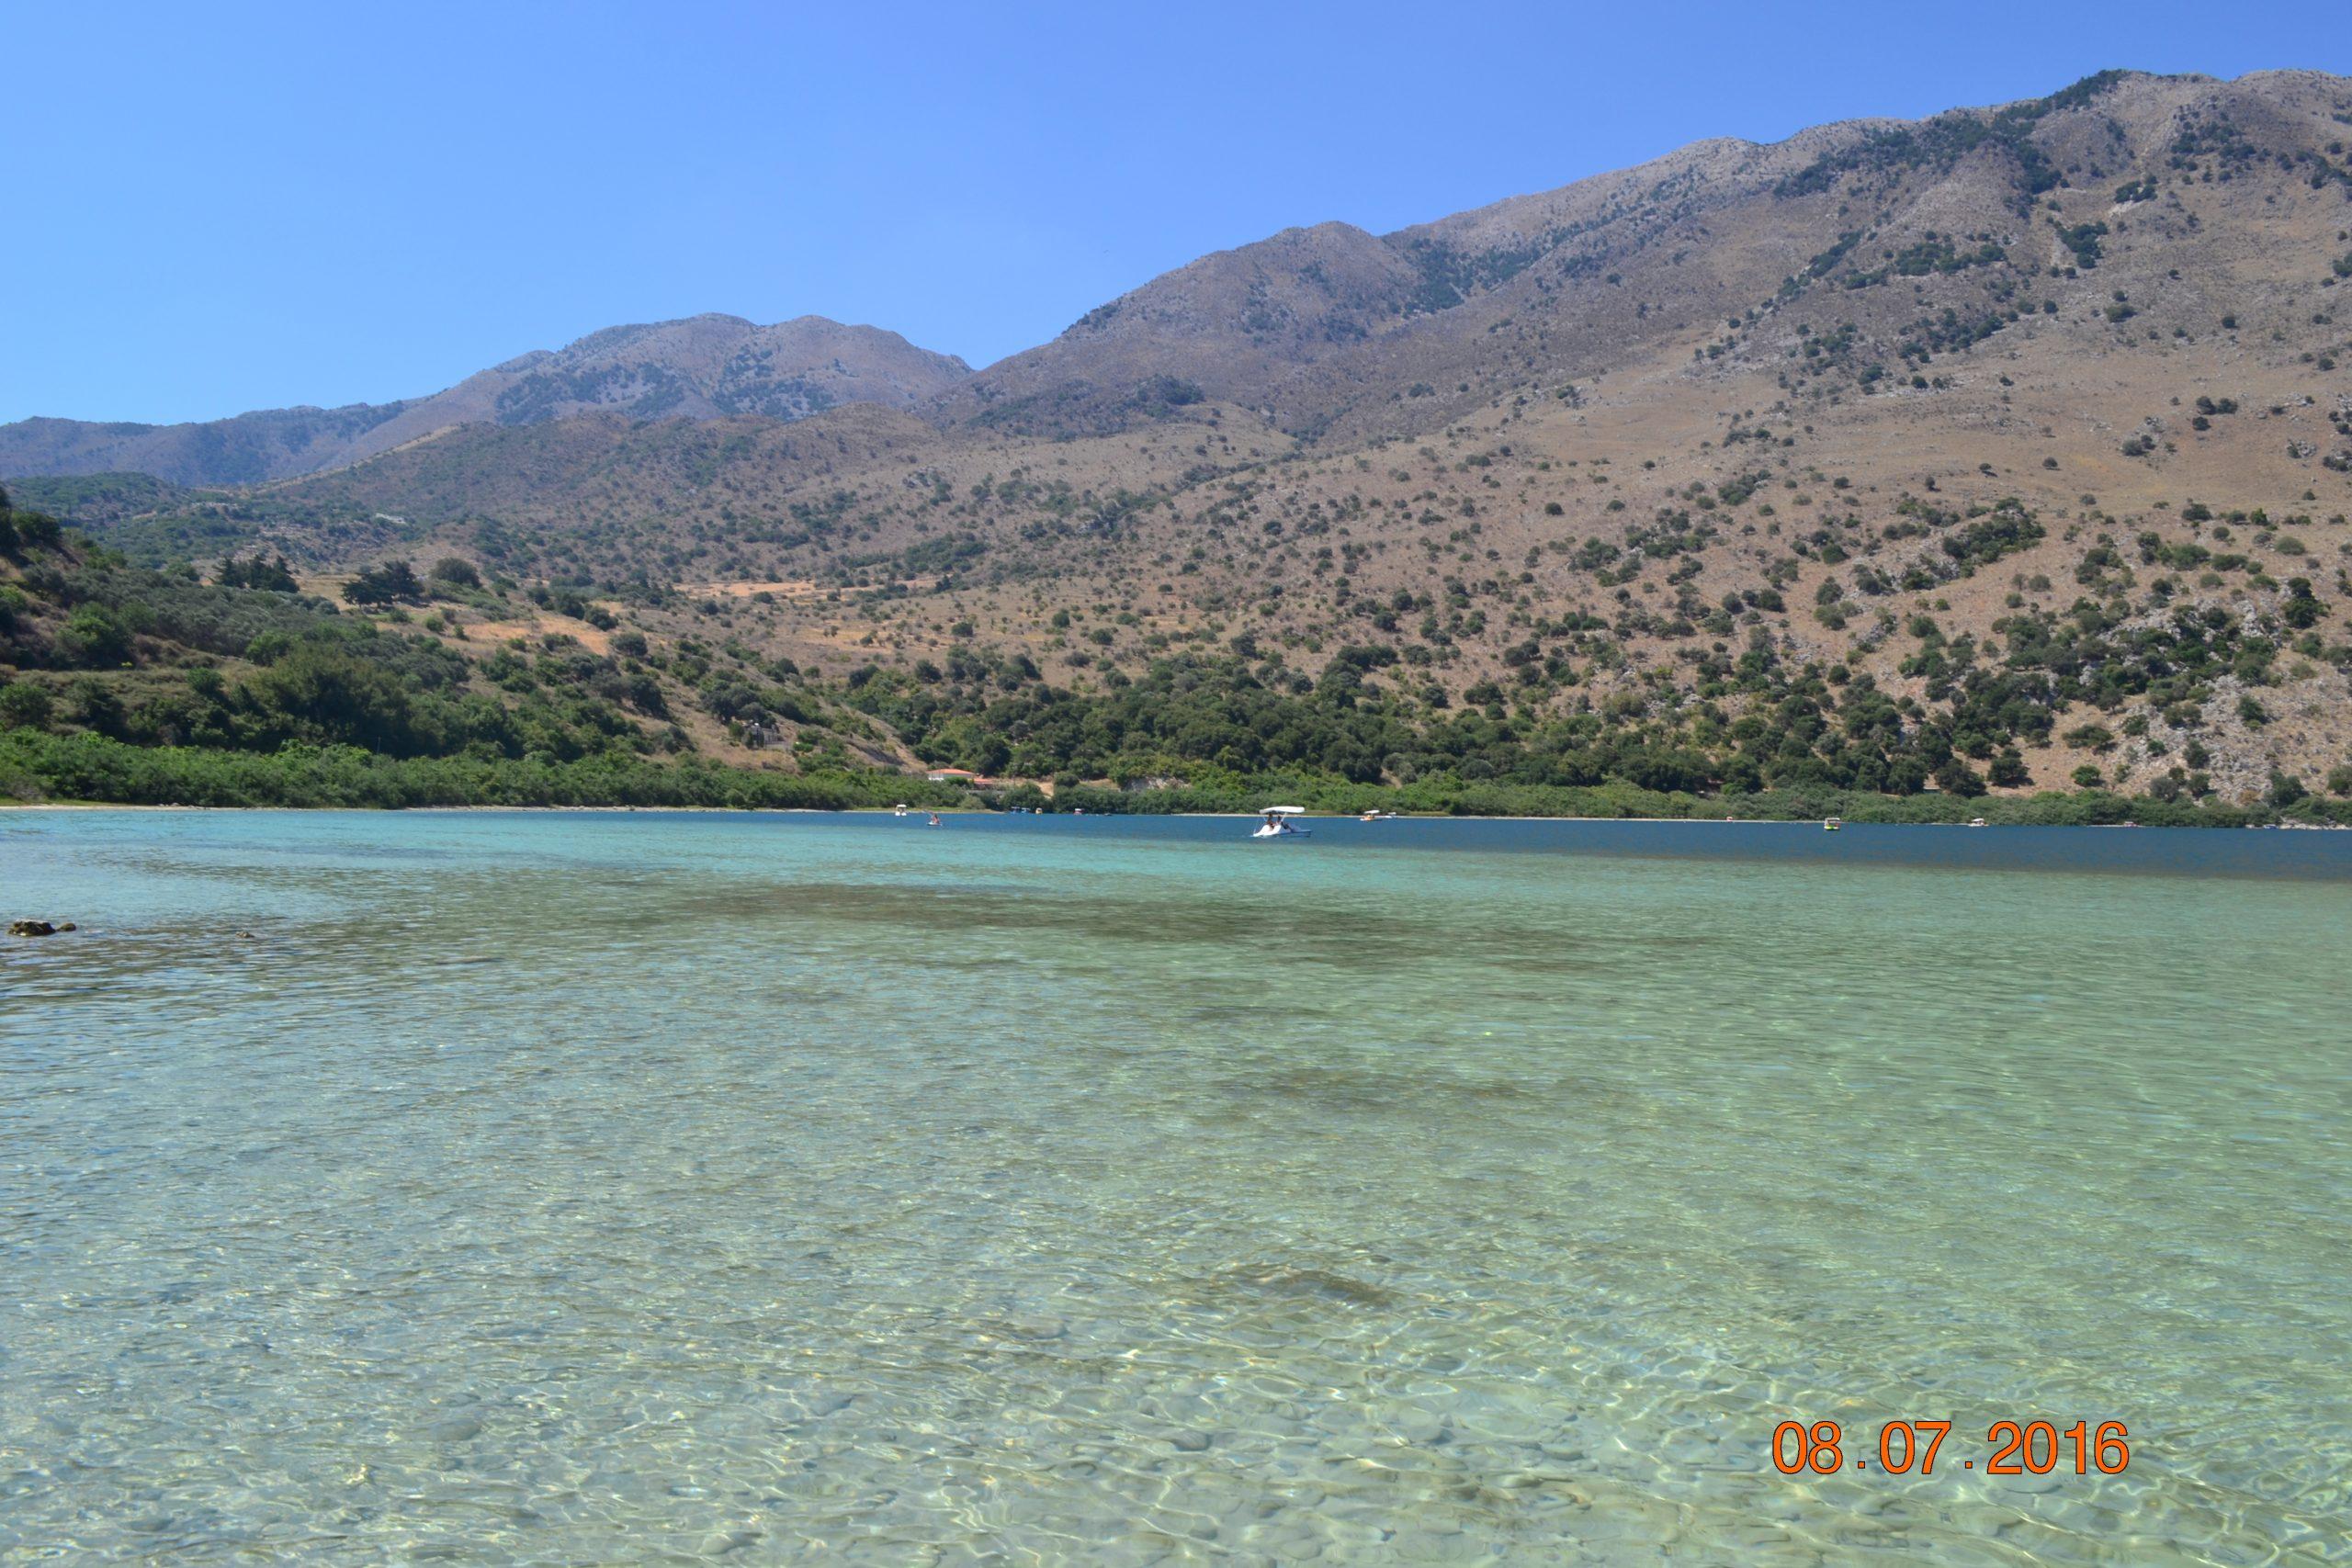 Преснводное озеро Курнас на Крите